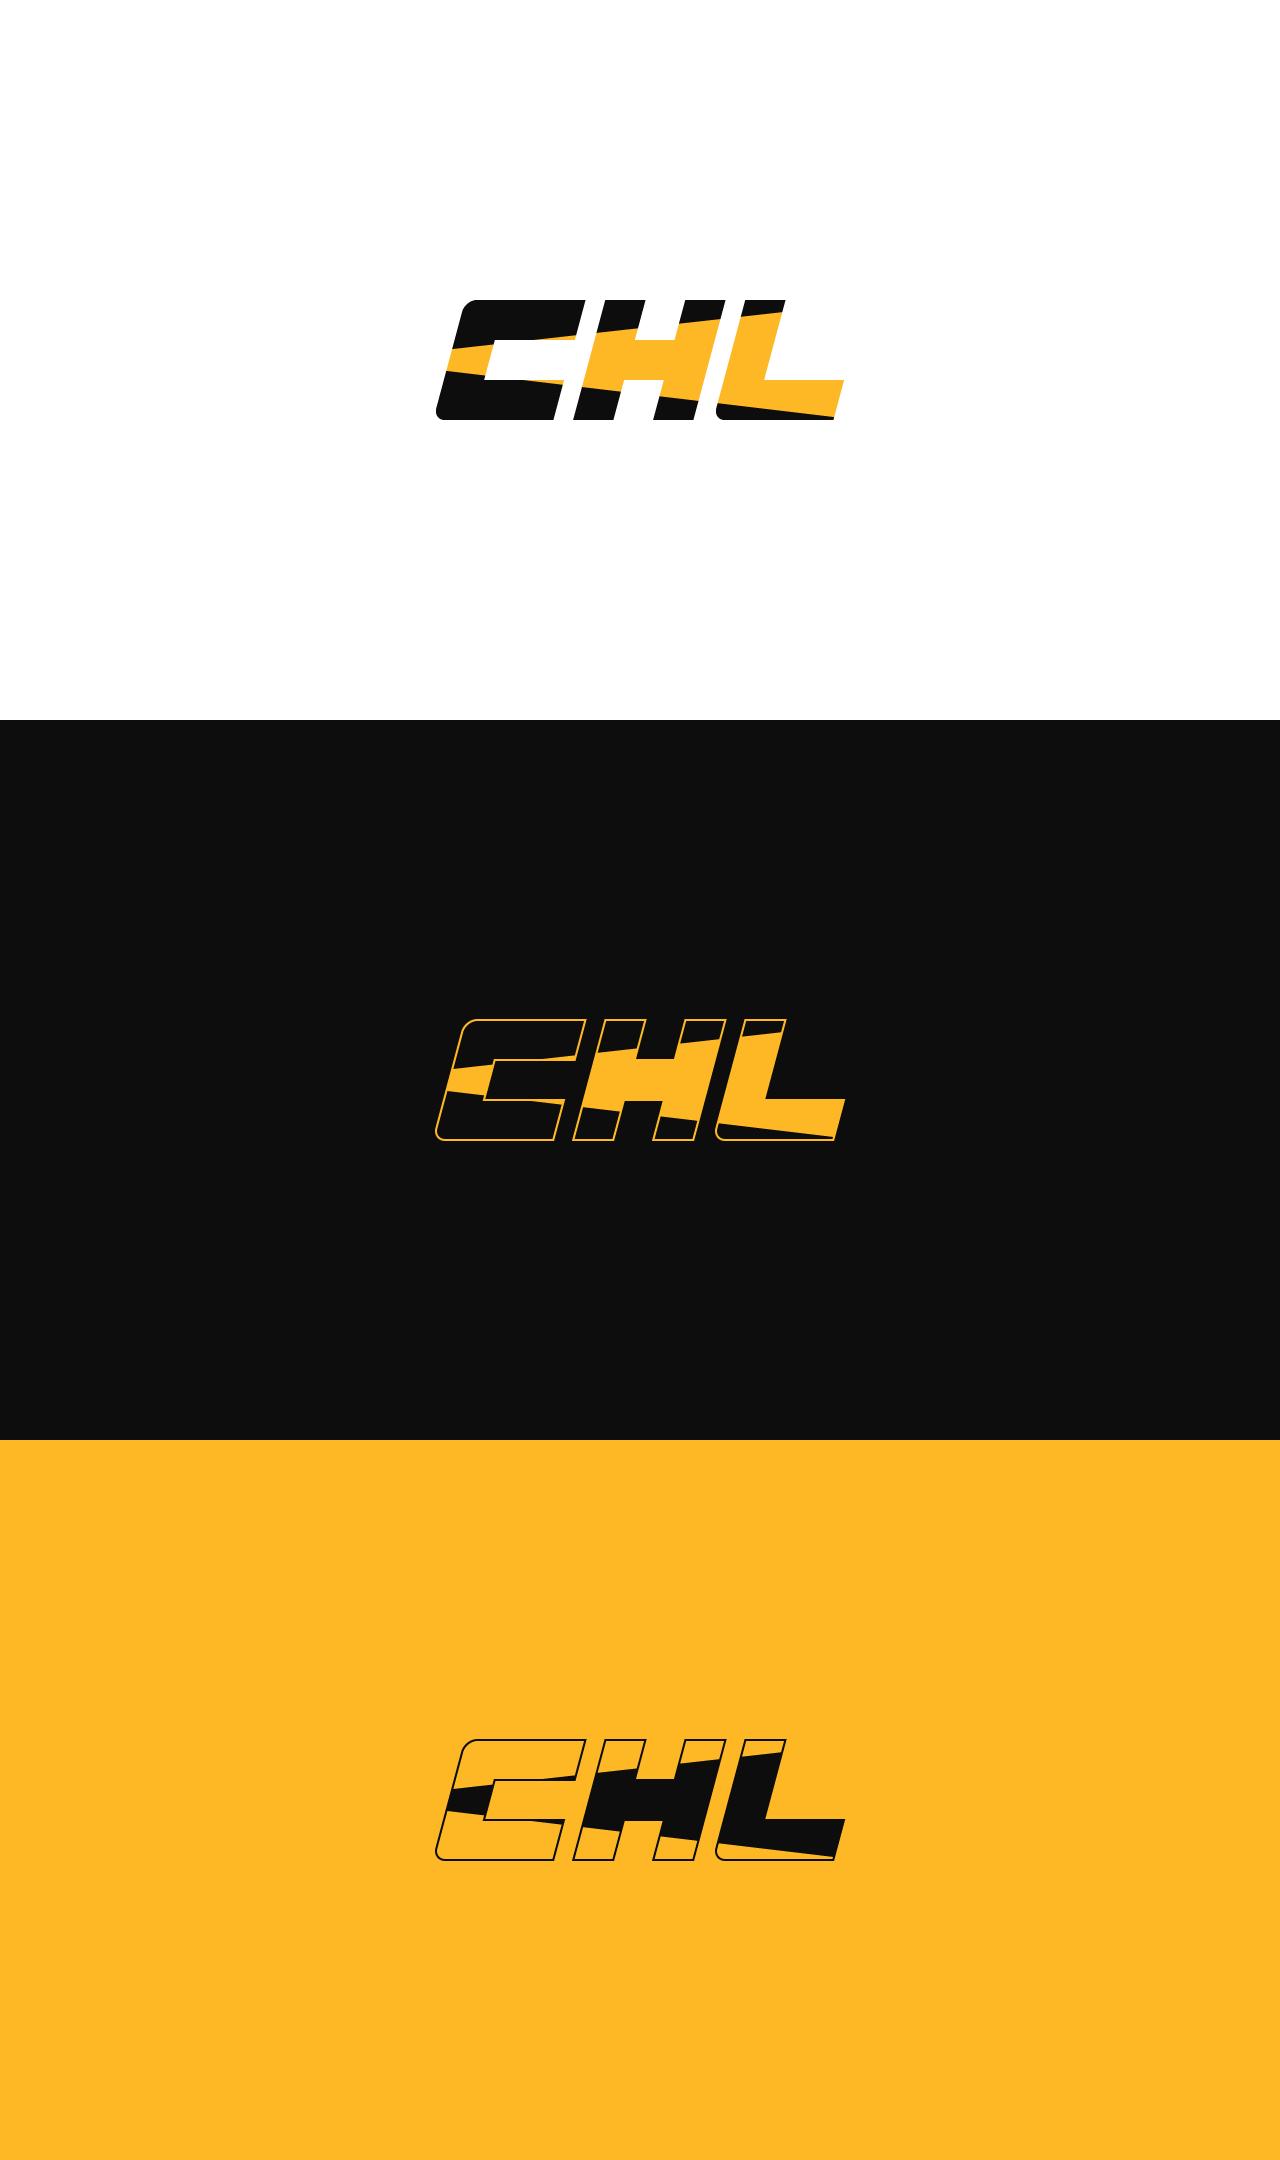 разработка логотипа для производителя фар фото f_0645f5e76aa04637.png